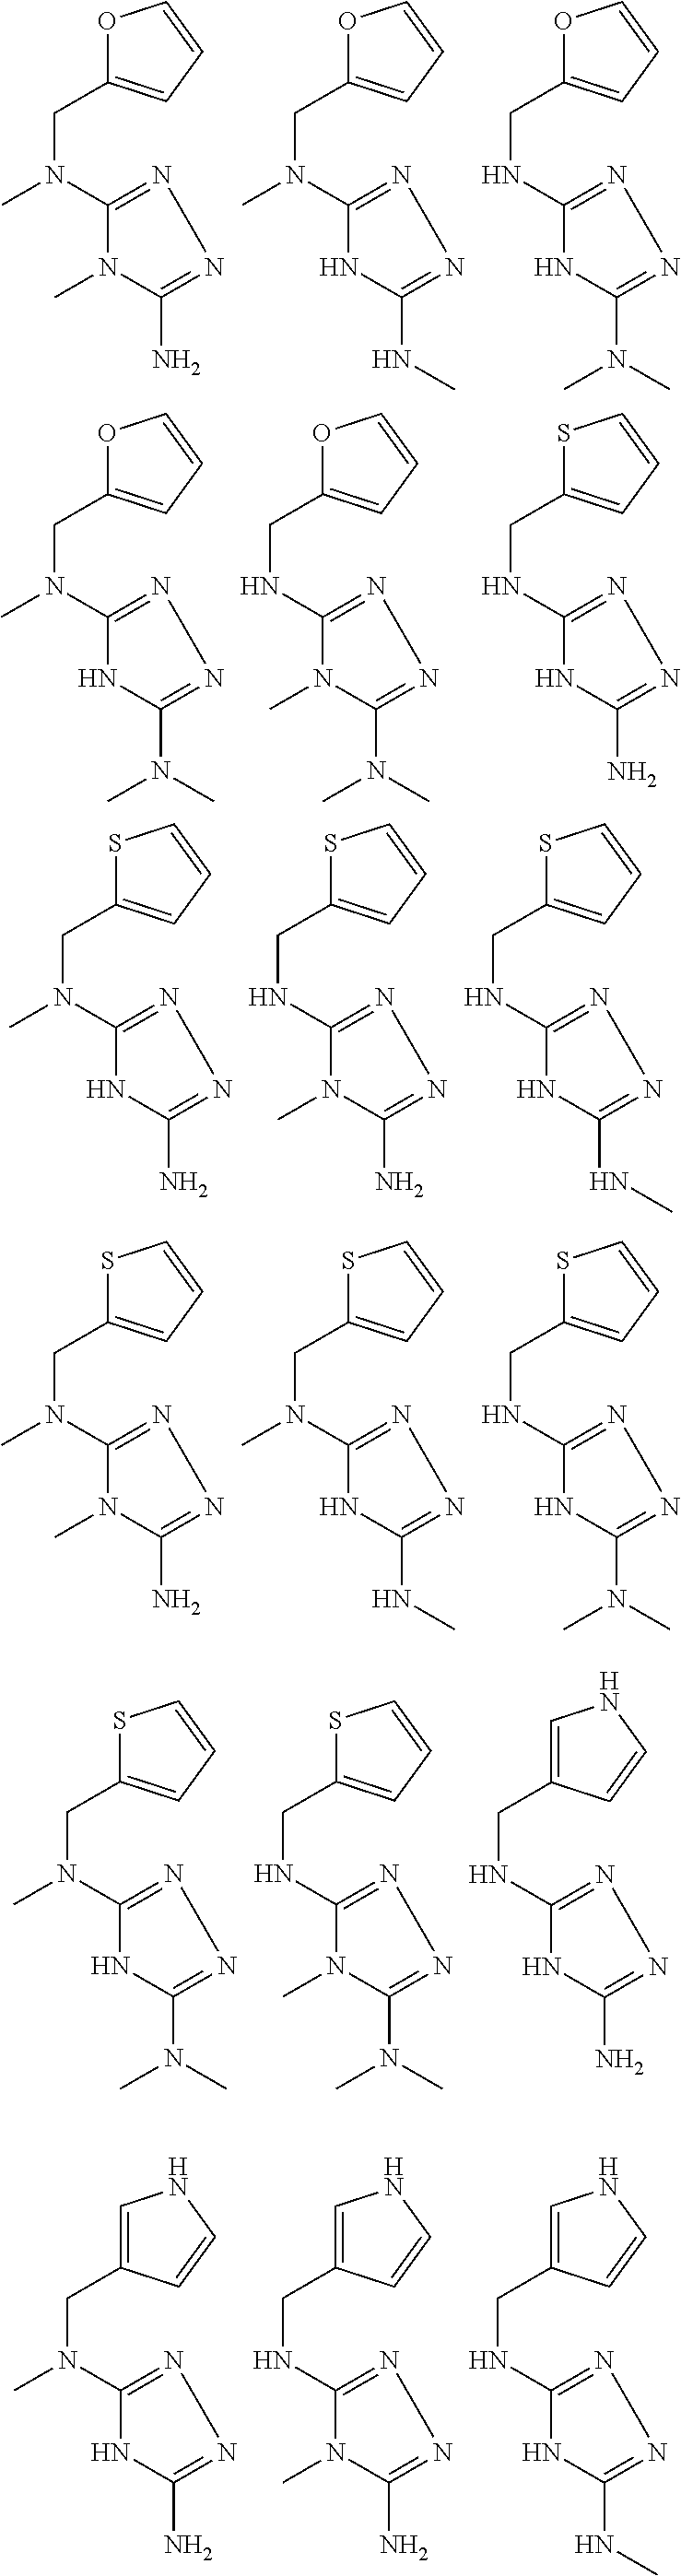 Figure US09480663-20161101-C00077